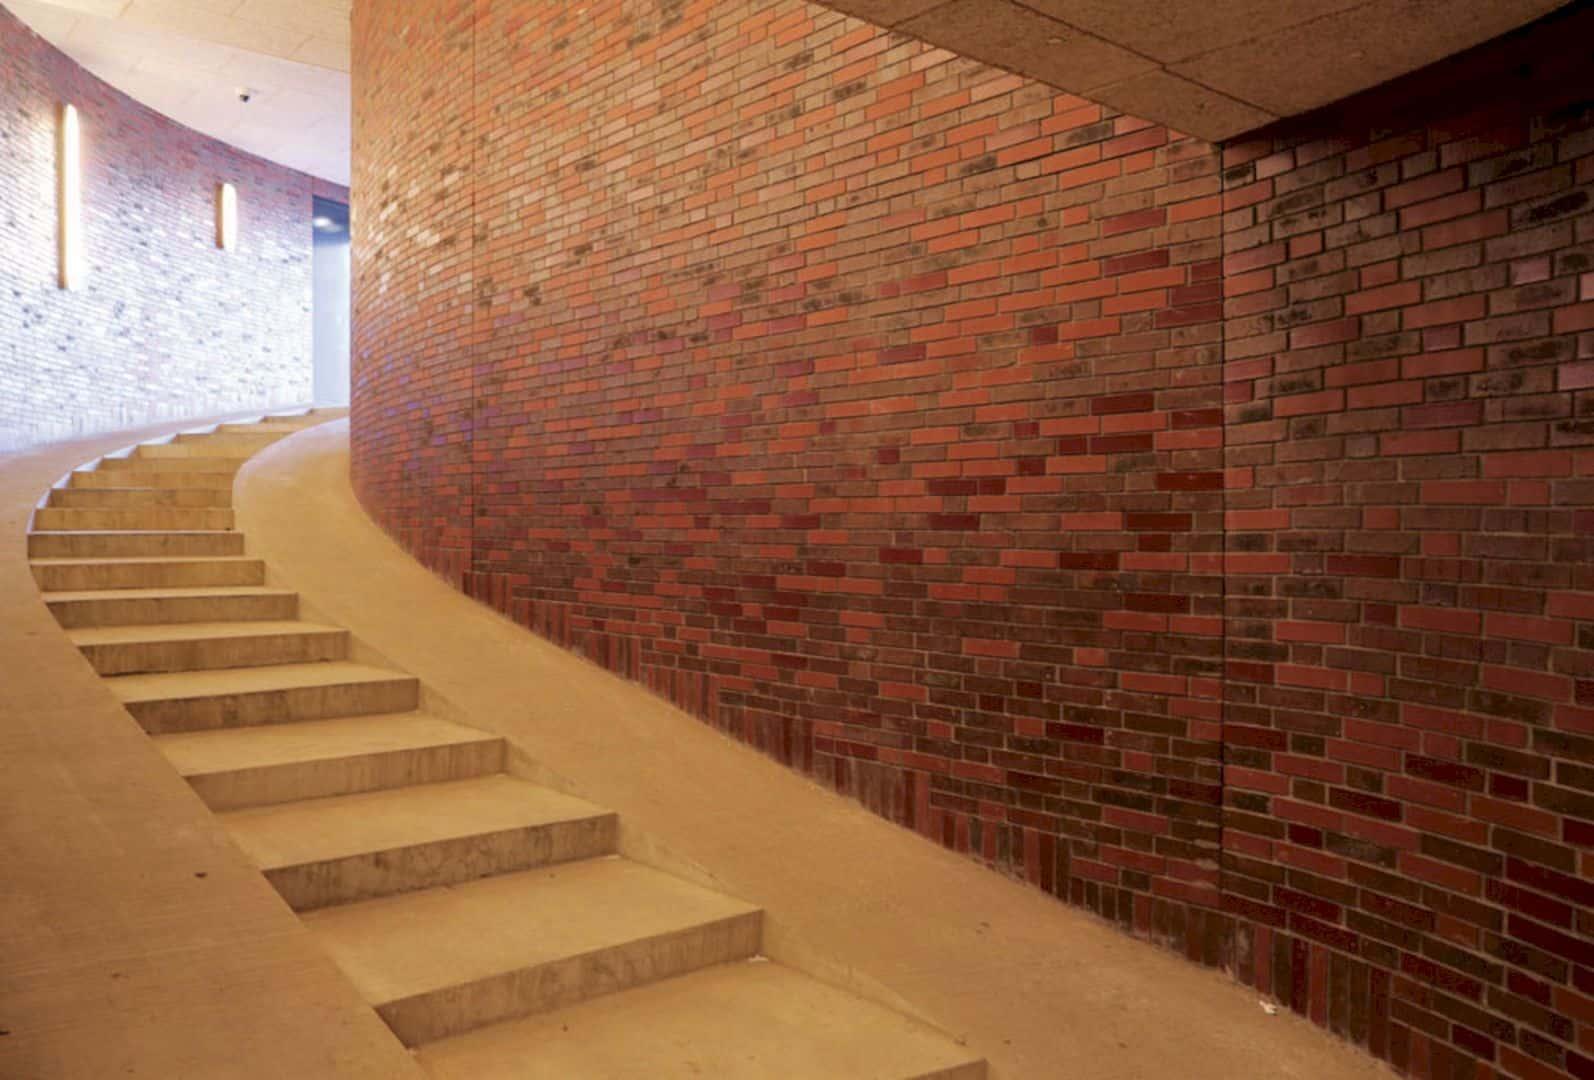 Kellebeek College Roosendaal By Jeanne Dekkers Architectuur 9